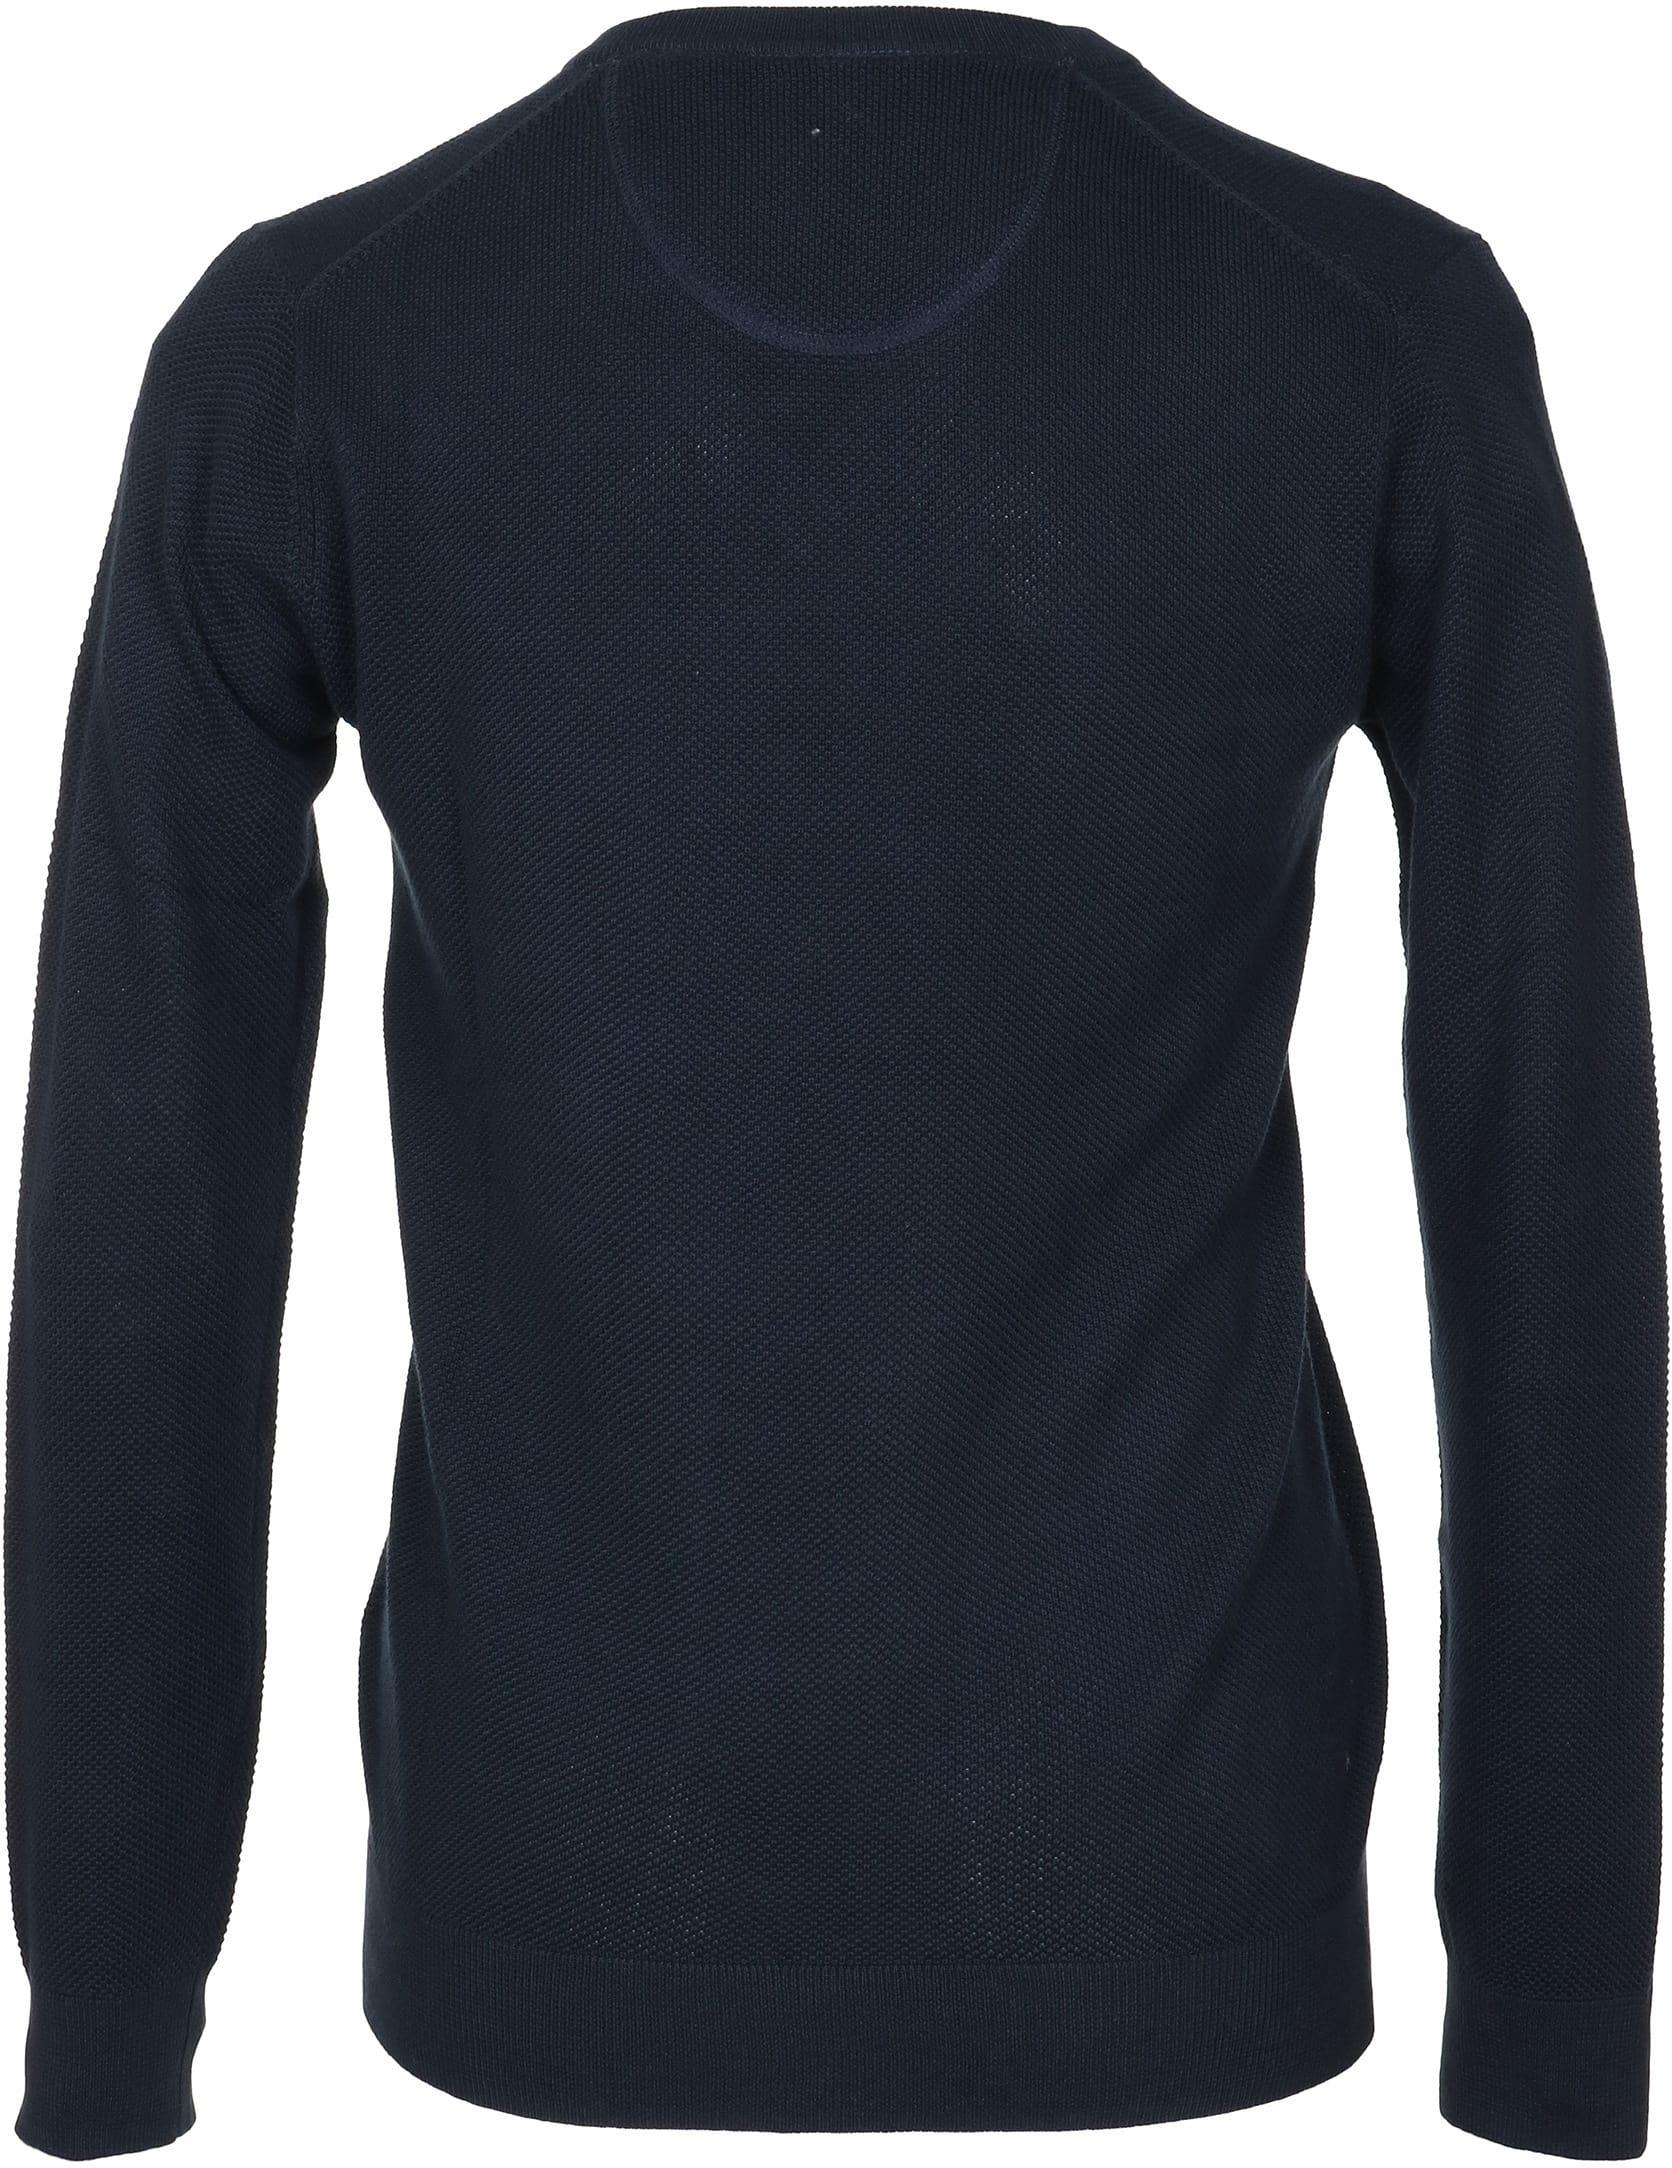 Gant Pullover V-Ausschnitt Dunkelblau foto 2